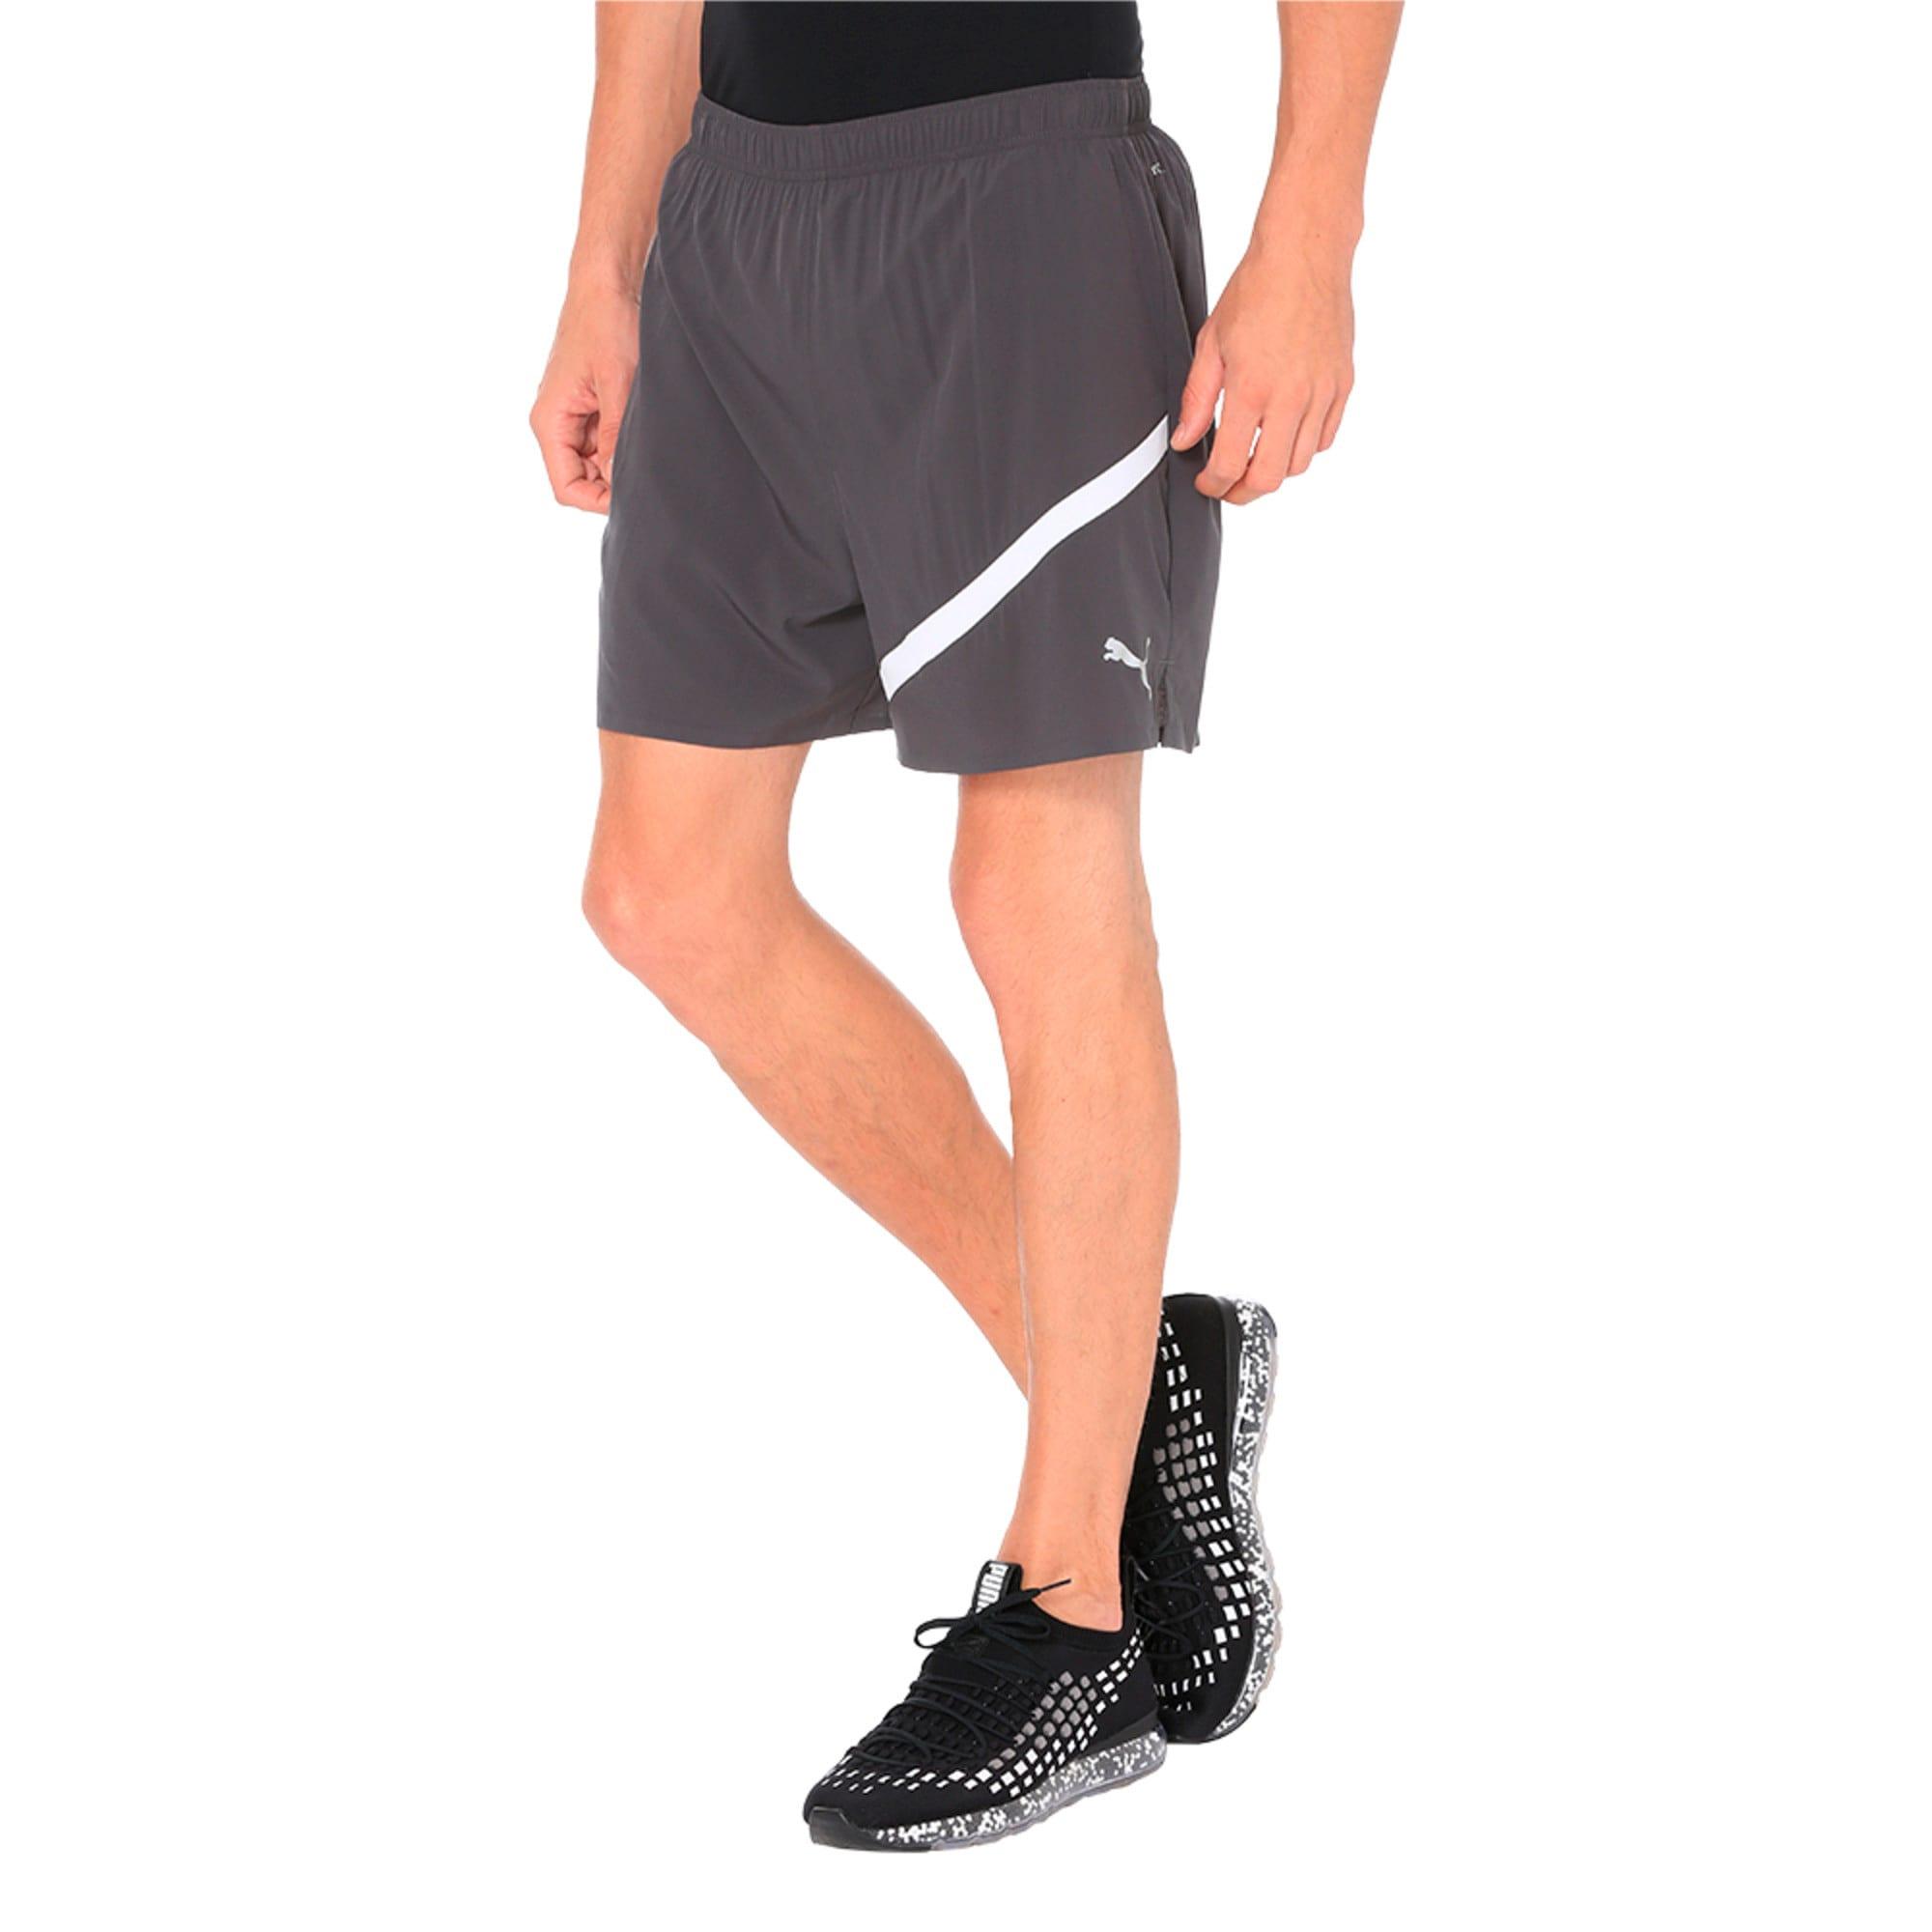 """Thumbnail 1 of Pace 5"""" Men's Running Shorts, Asphalt, medium-IND"""